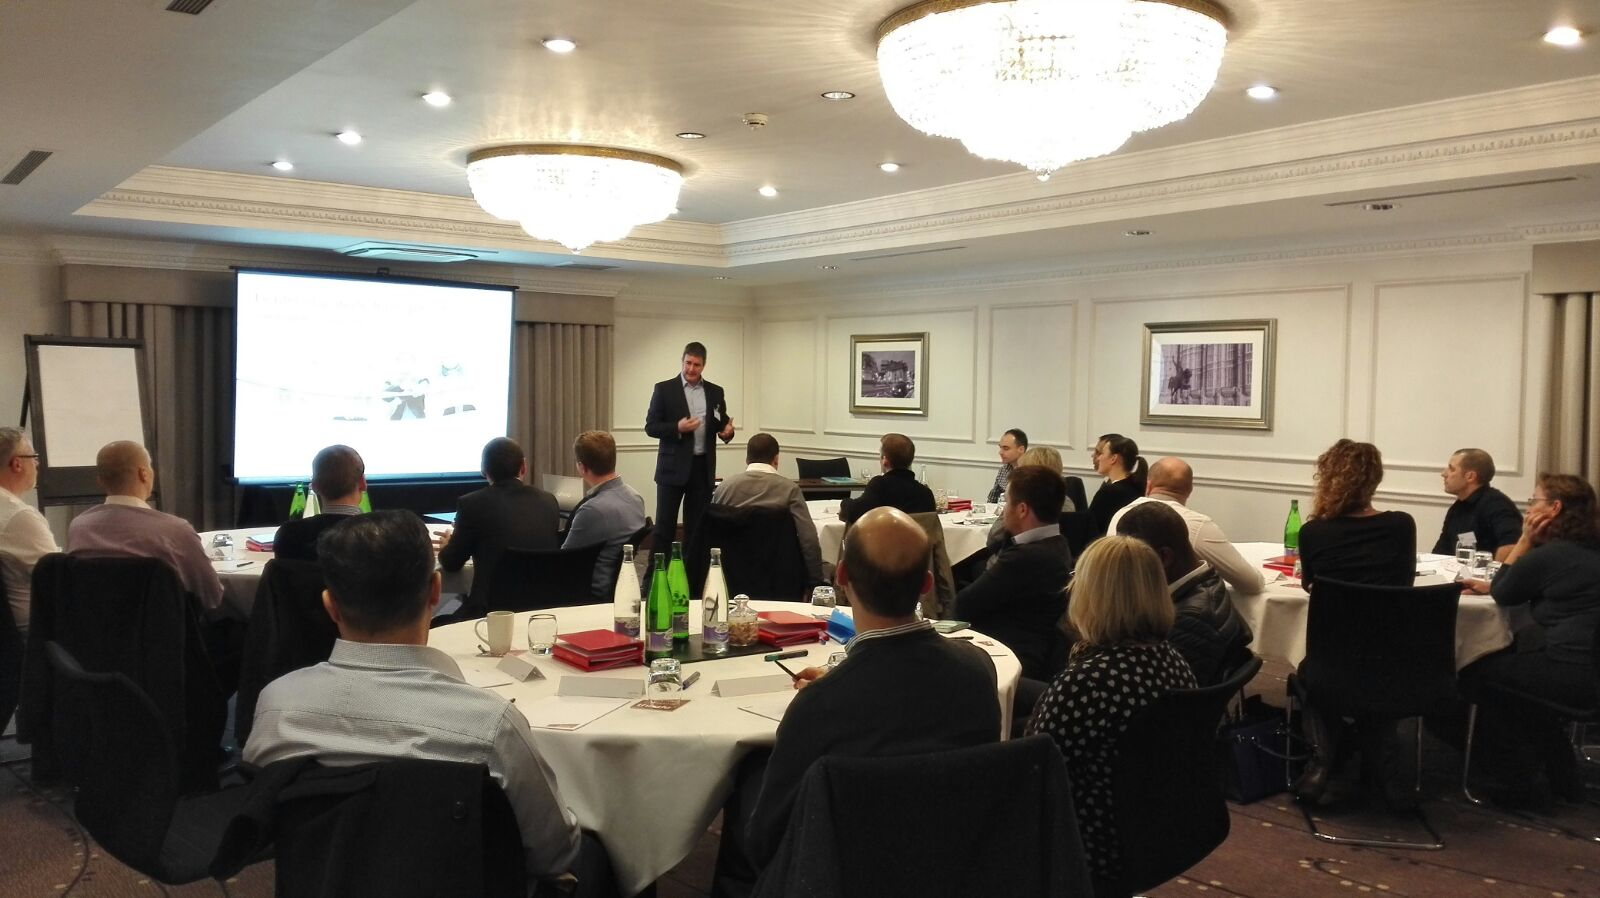 Management_Training_Course_London_ILM_Impellus_Leadership_Skills_David_Ross